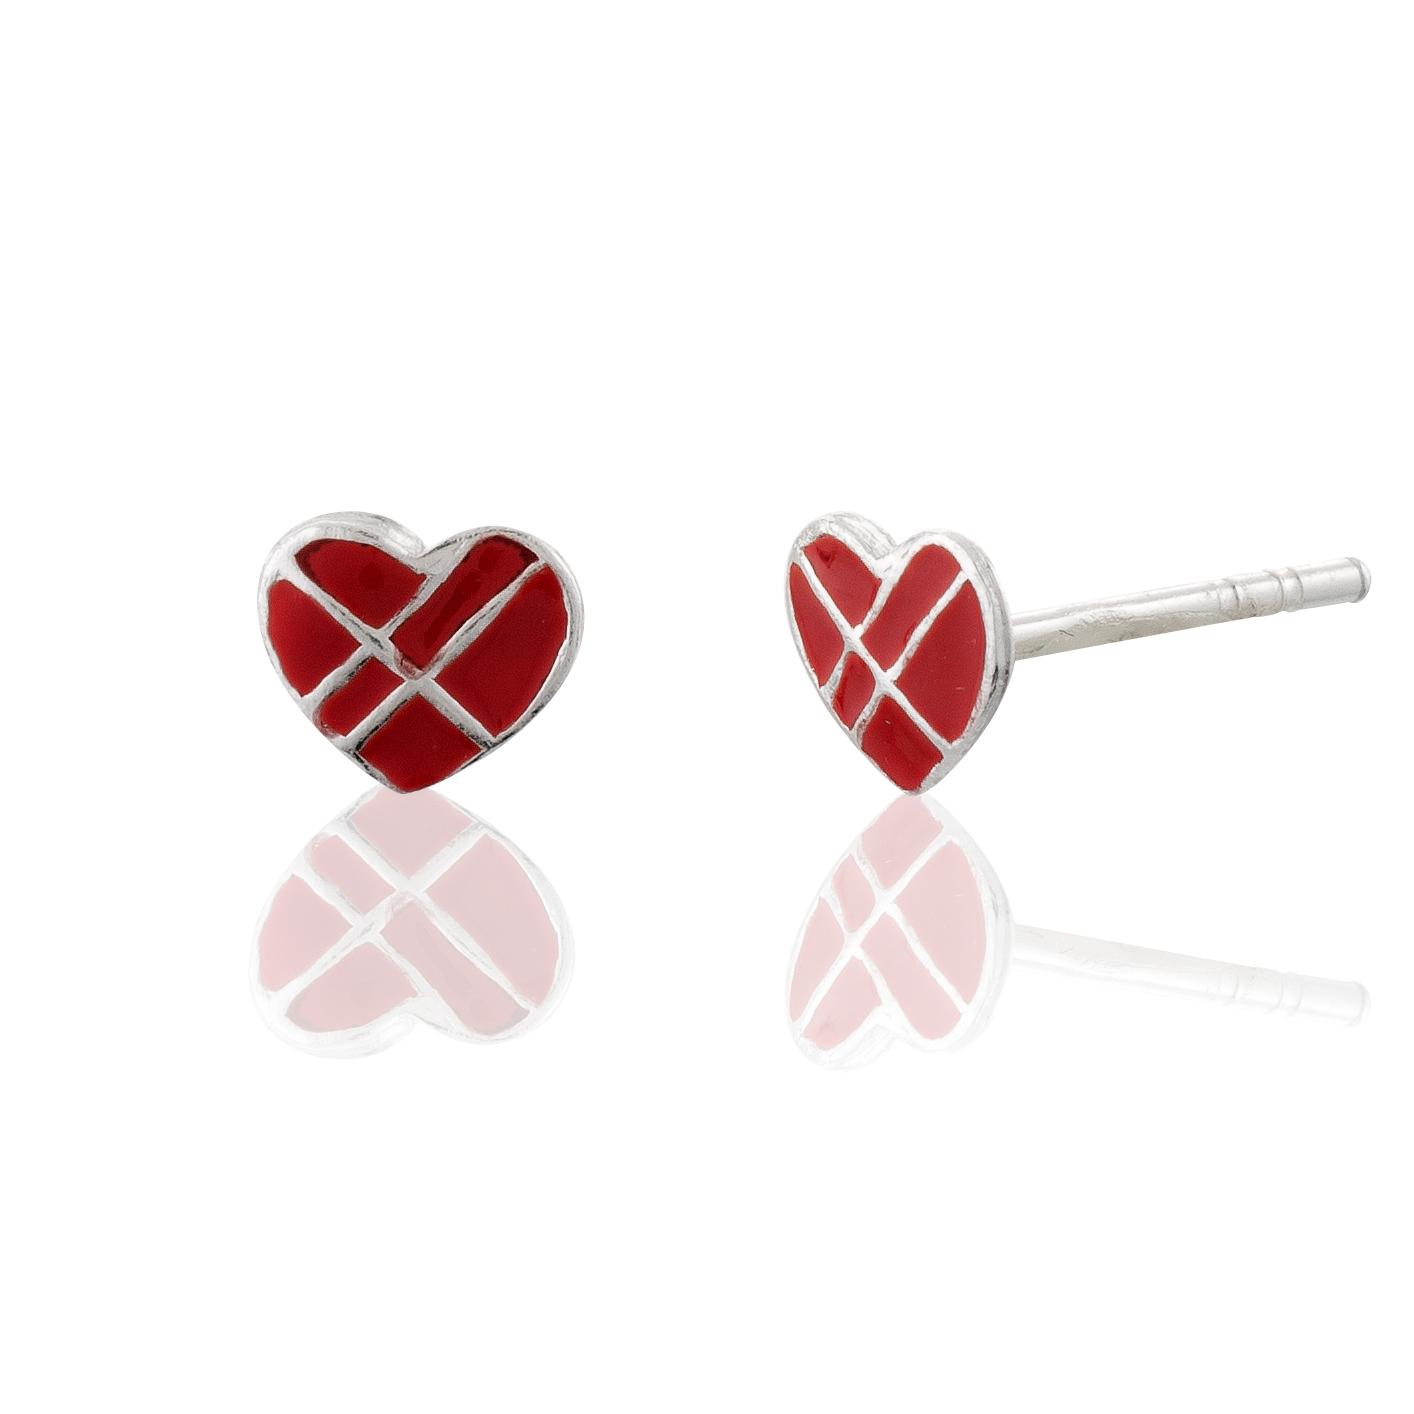 Children's 925 Sterling Silver Red Cross my Heart Lined Stud Earrings